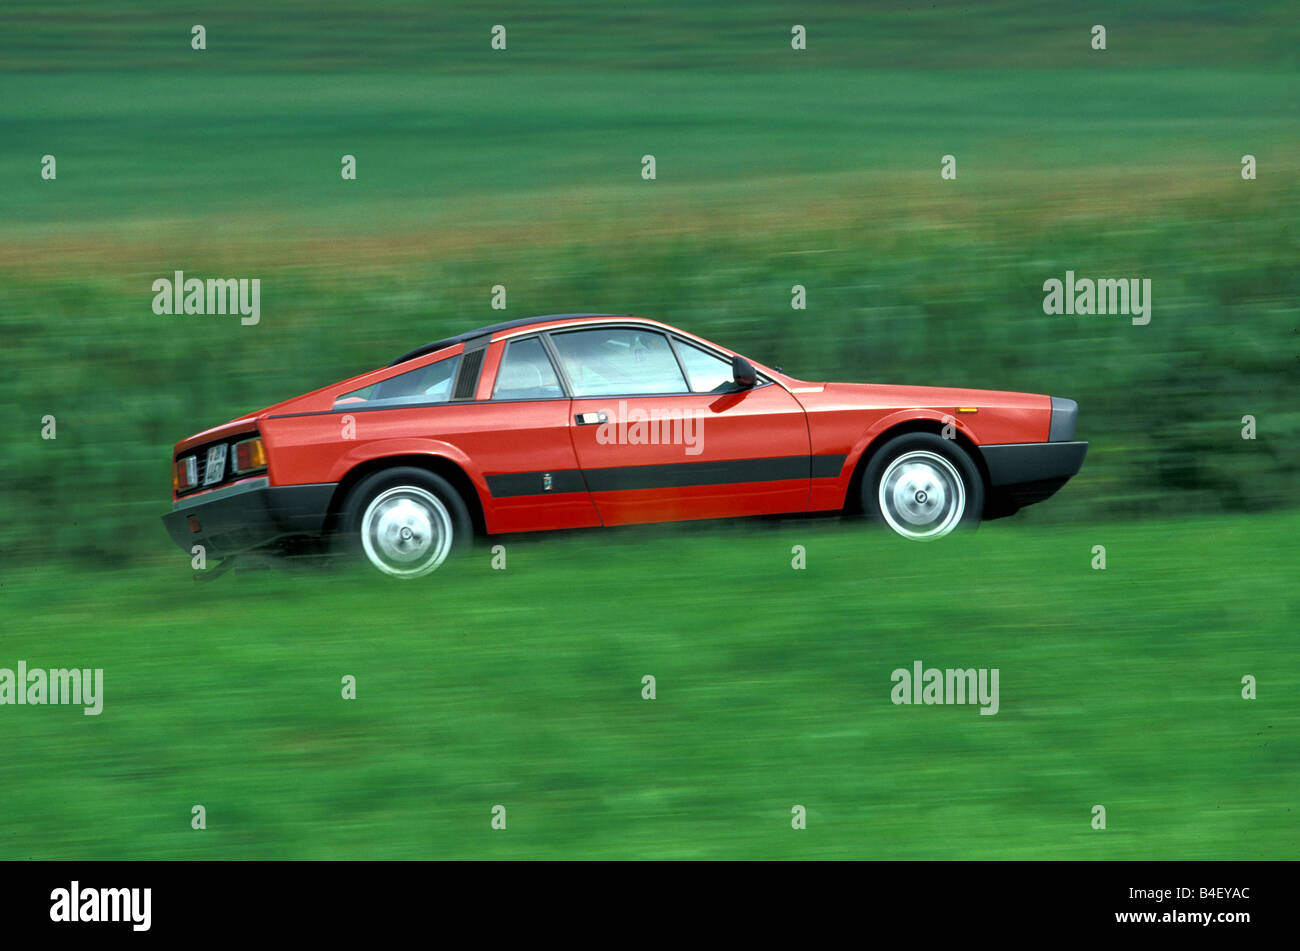 Lancia beta montecarlo stock photos lancia beta montecarlo stock car lancia beta montecarlo old car red coup coupe sports vanachro Images